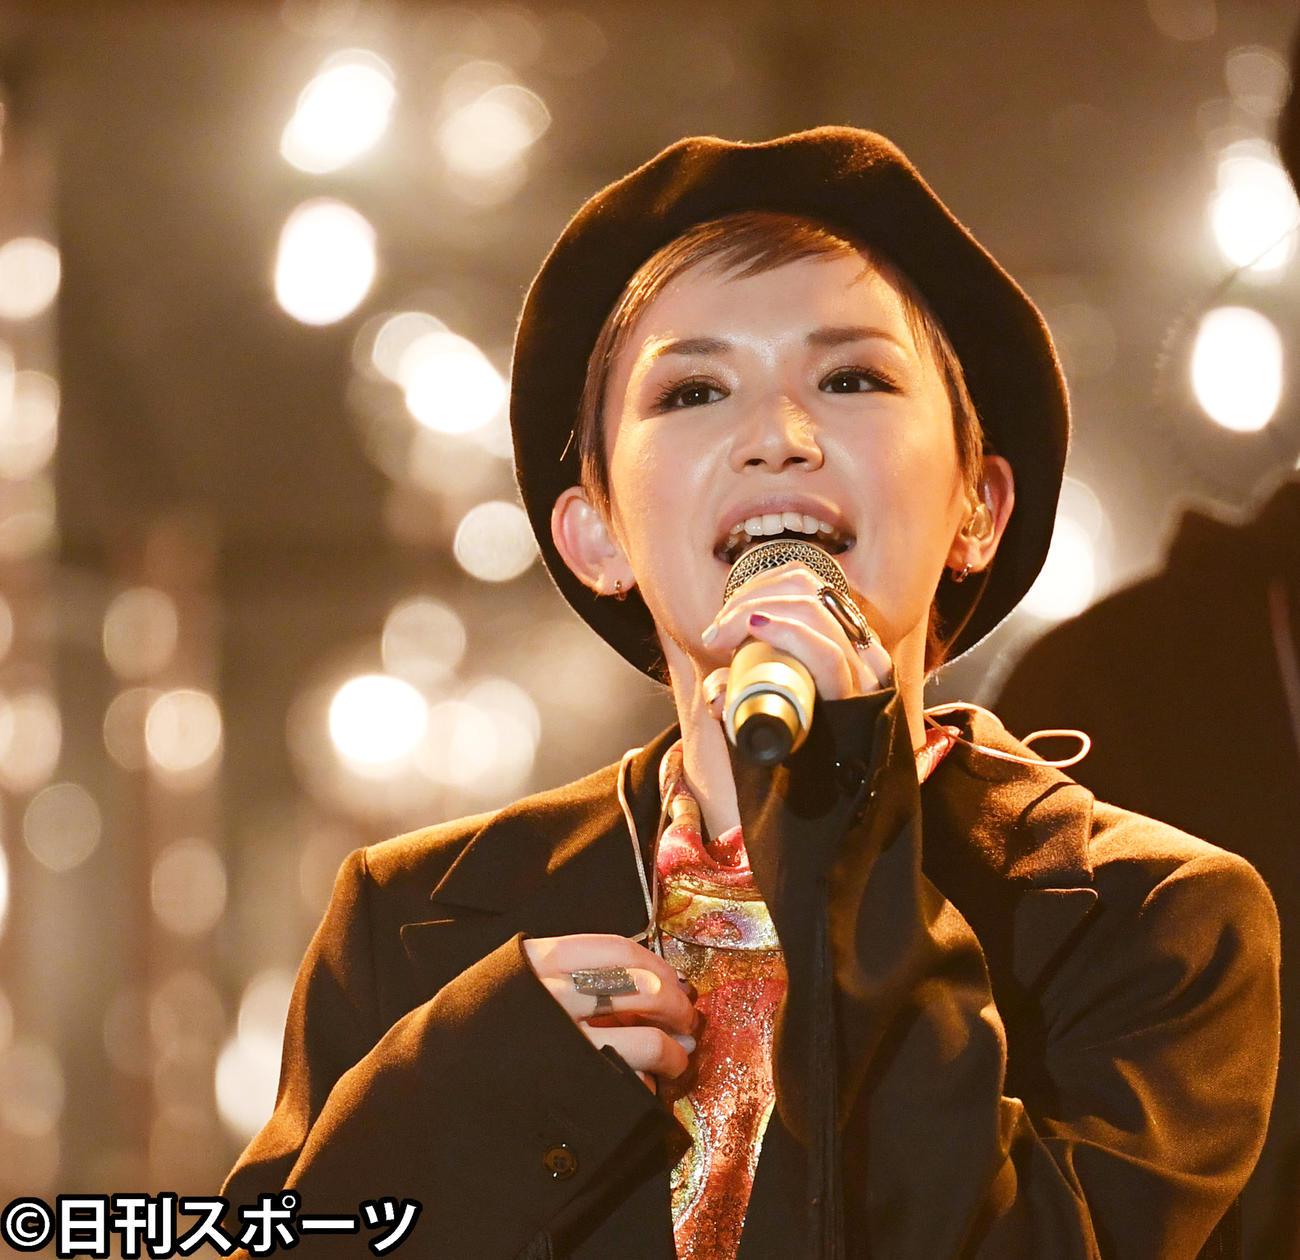 スカーレット 主題 歌 歌手